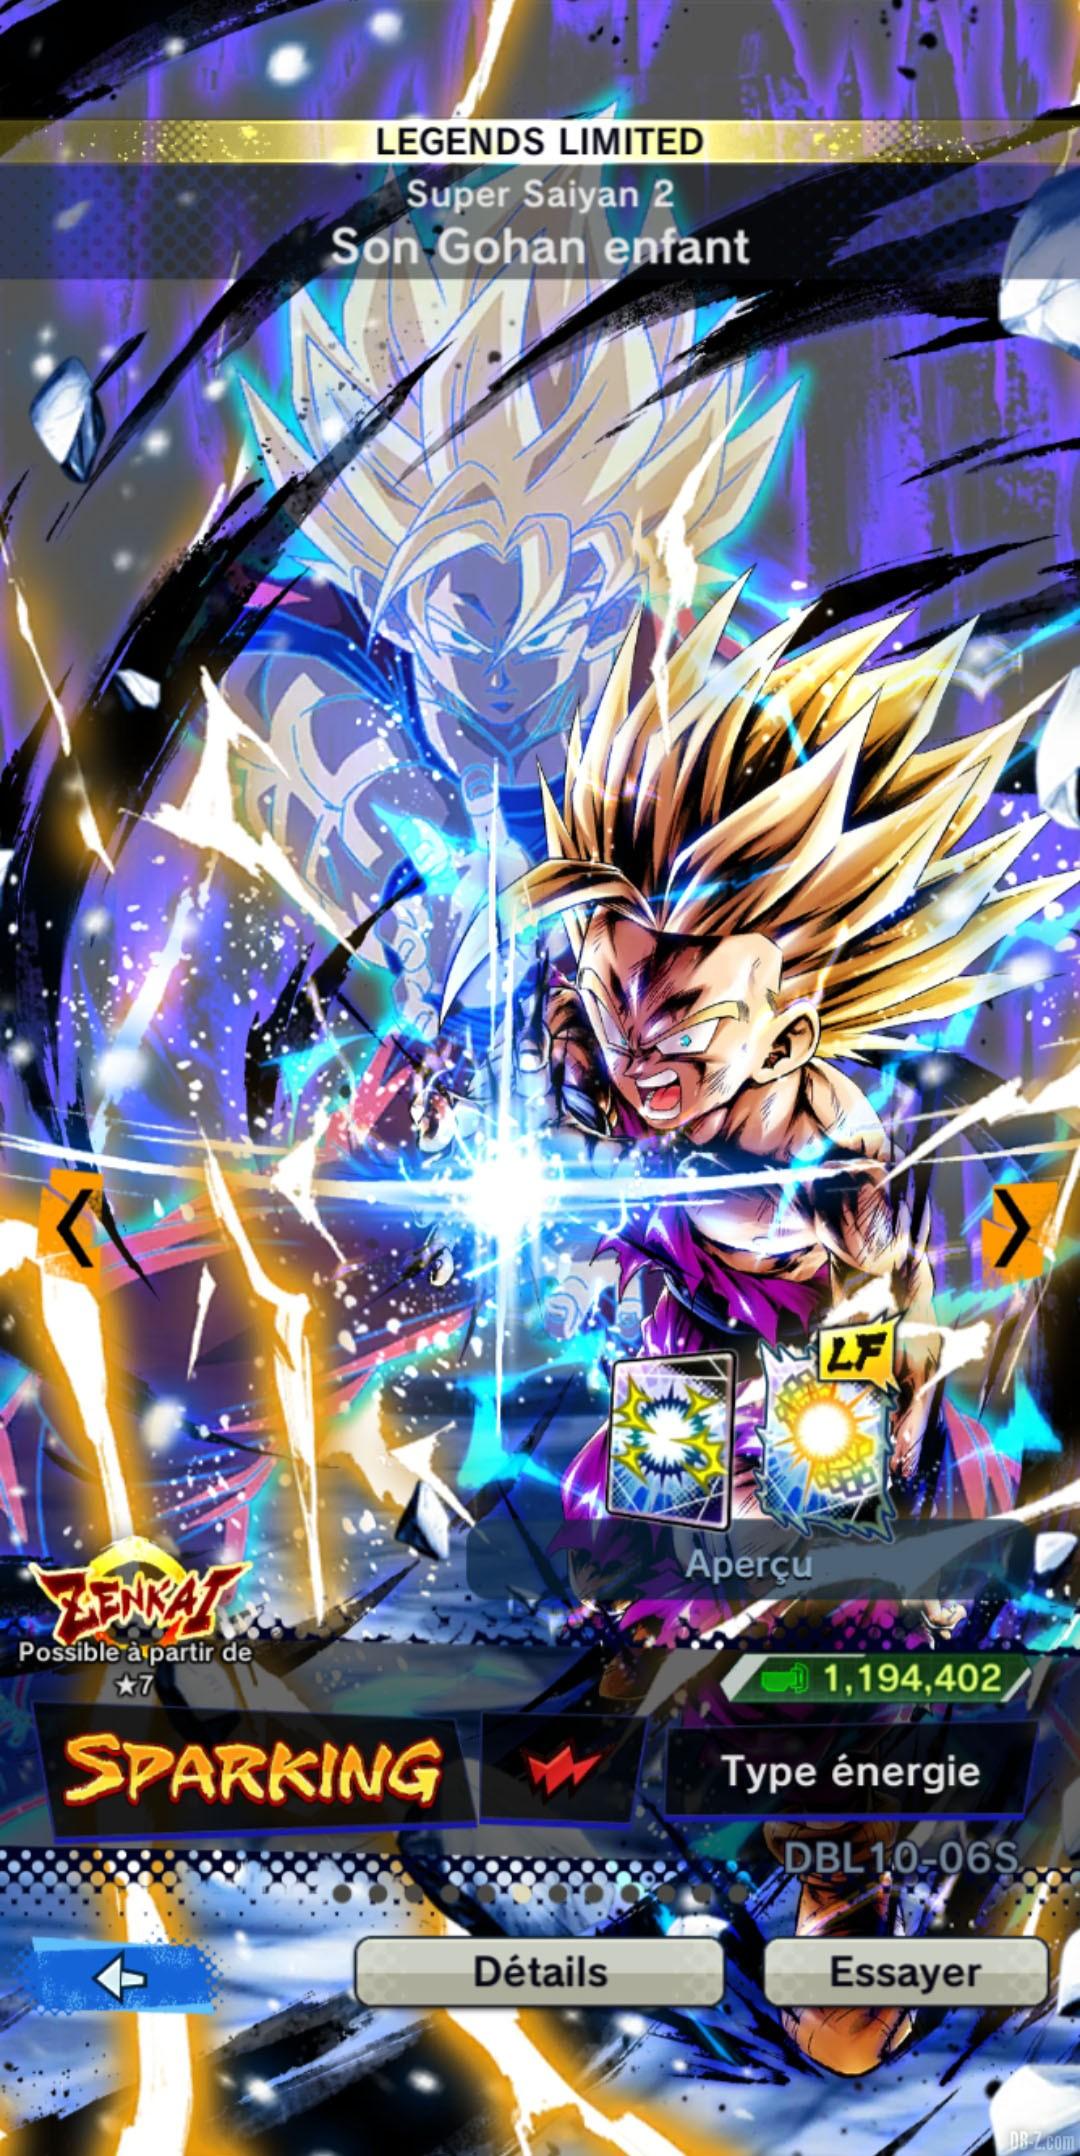 Dragon Ball Legends Limited Gohan Super Saiyan 2 ROUGE Energie